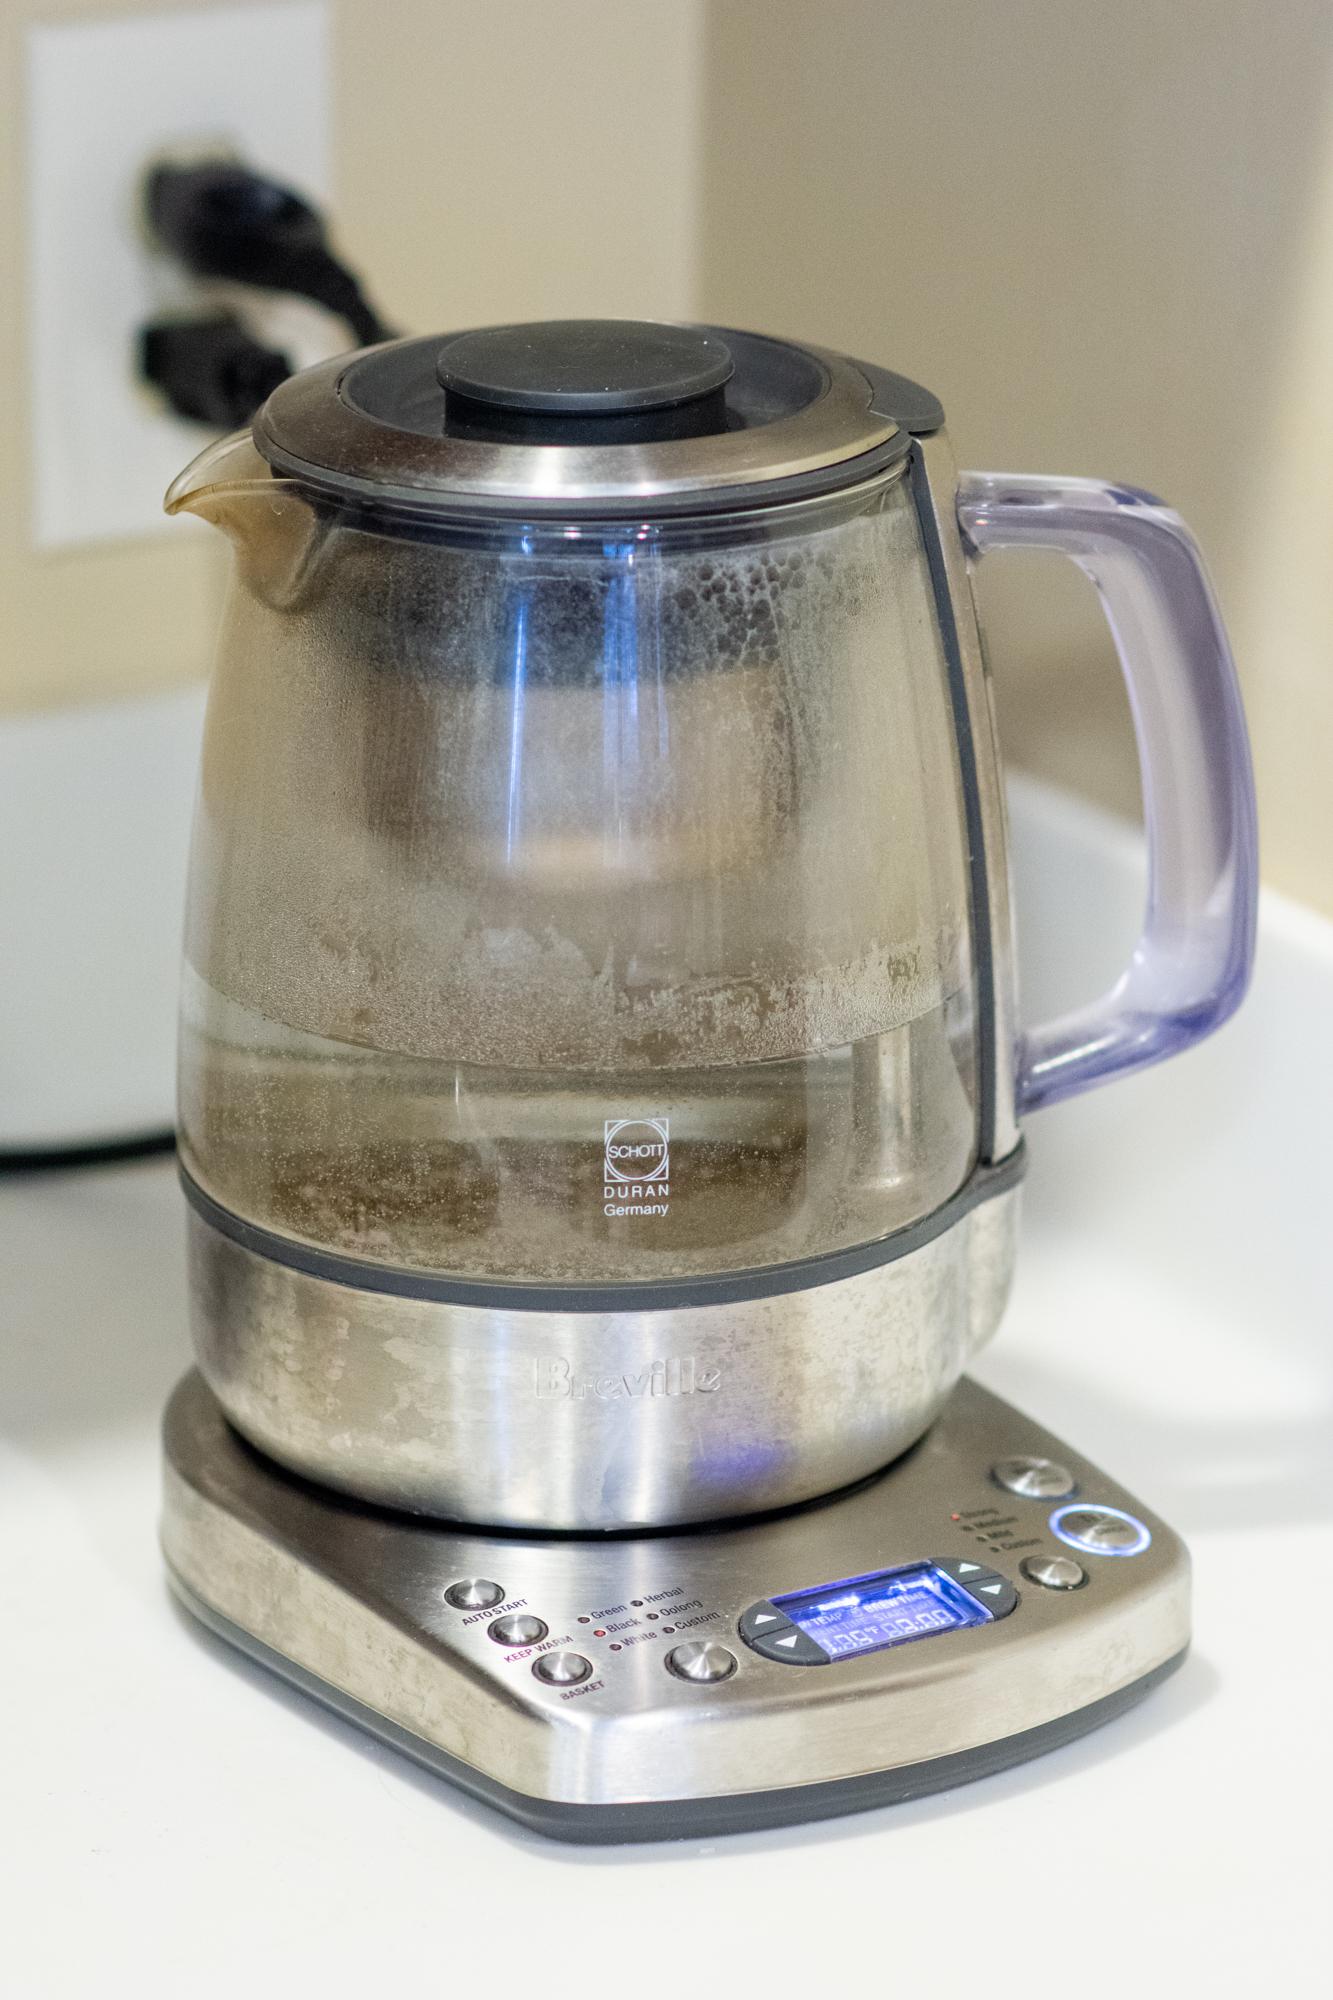 Fancy Tea Maker